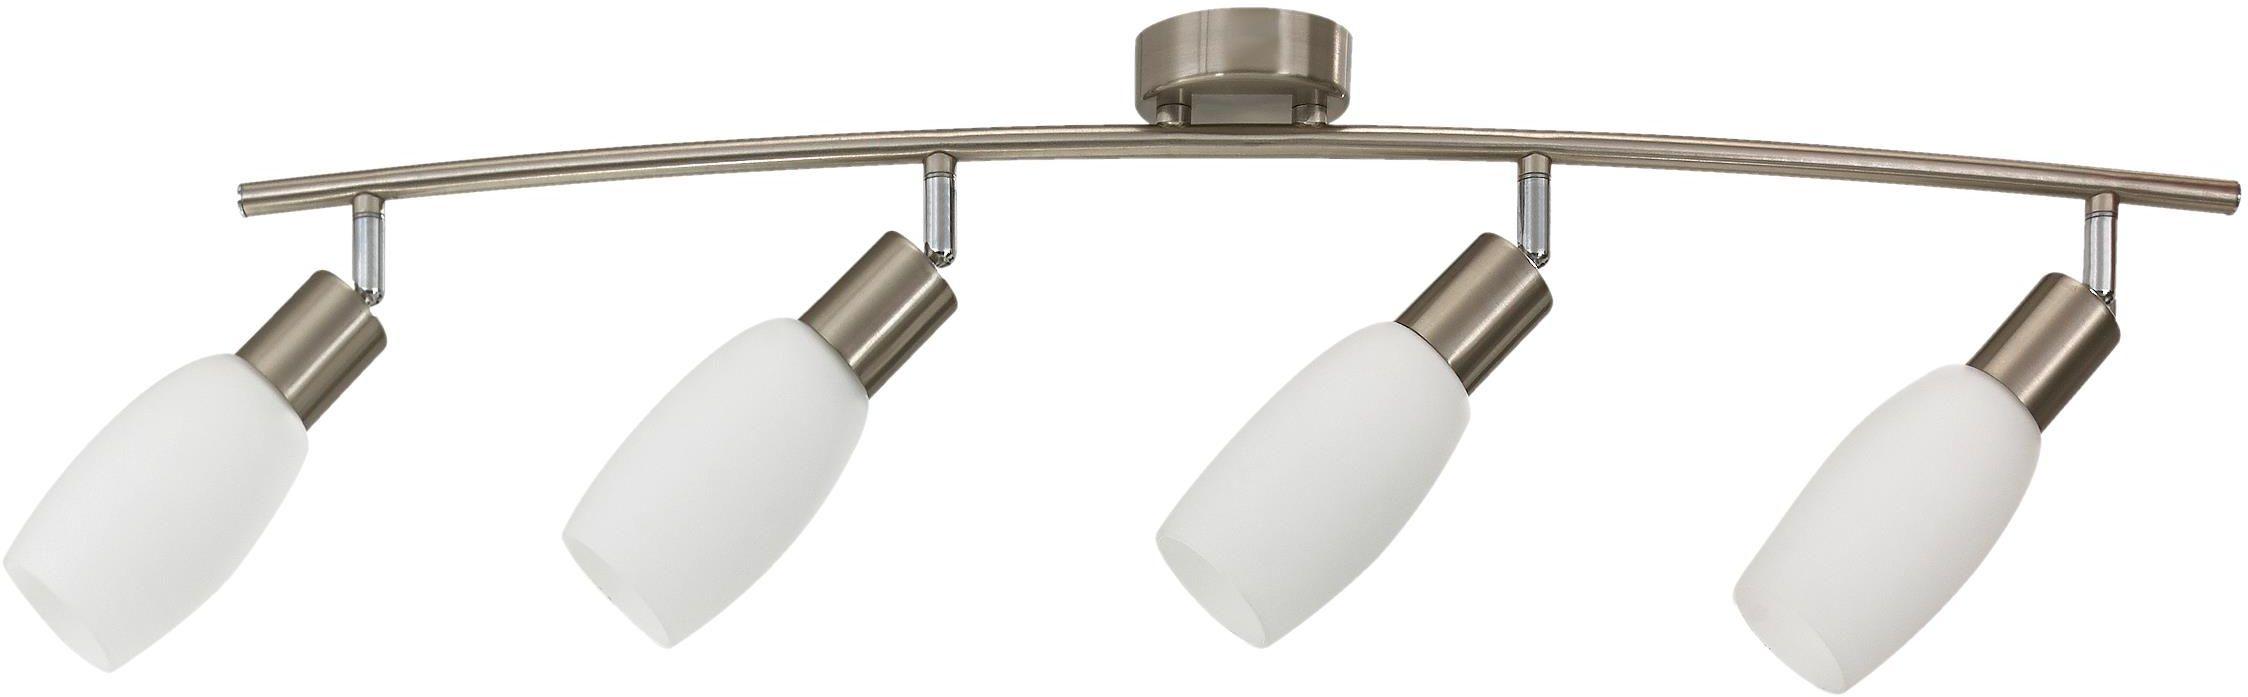 Lampex Almeda 4 289/4 listwa oświetleniowa nowoczesna szklane klosze 4x40W E14 75cm